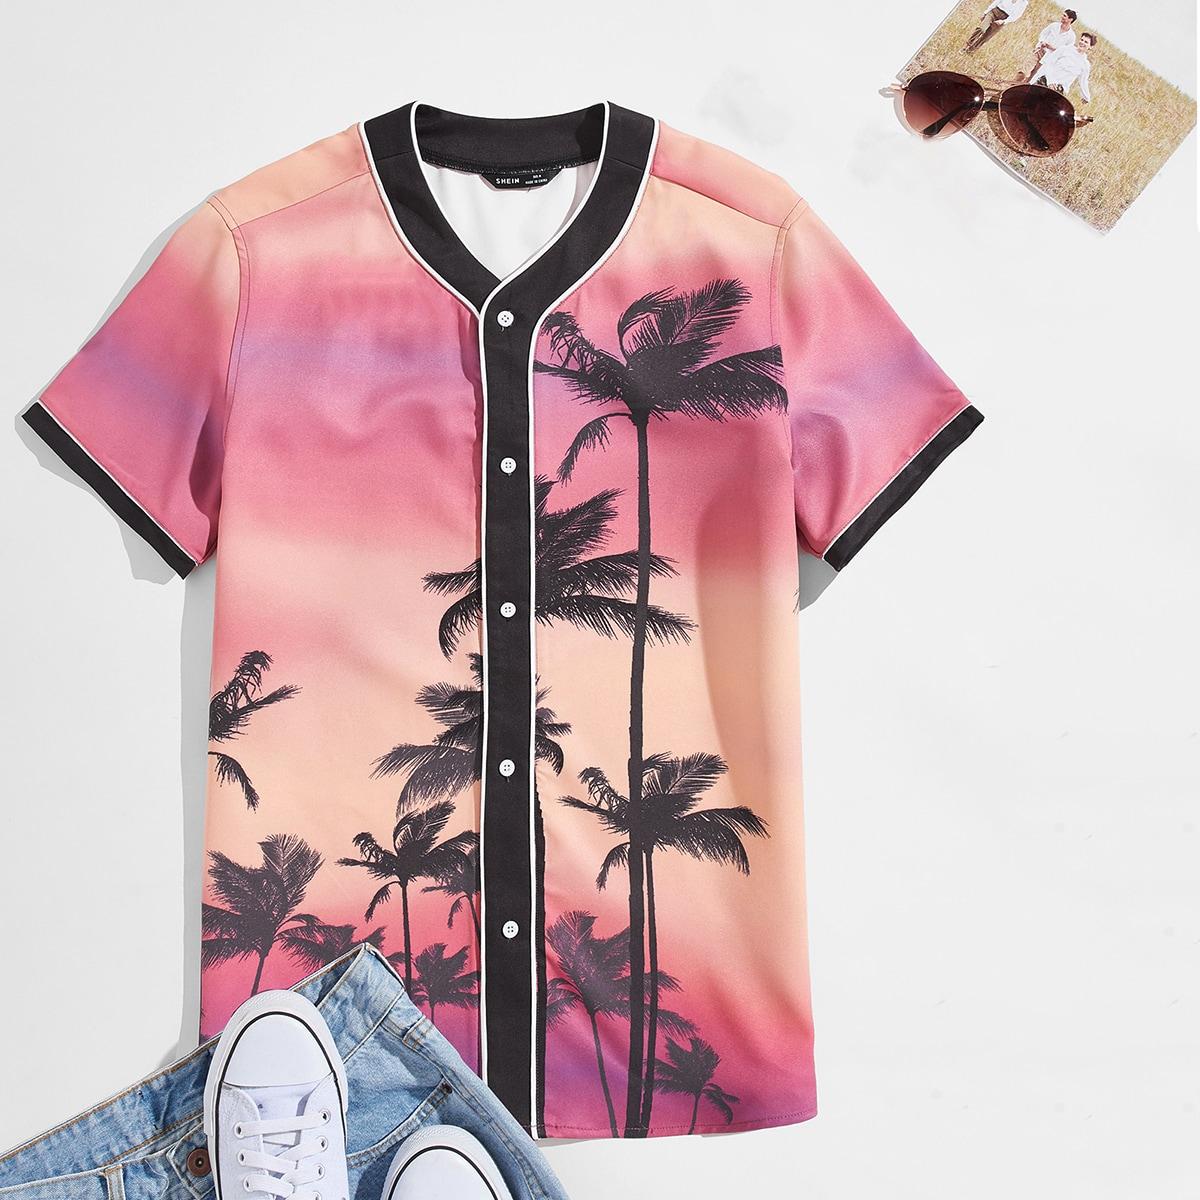 Мужская рубашка с тропическим принтом по цене 1 500